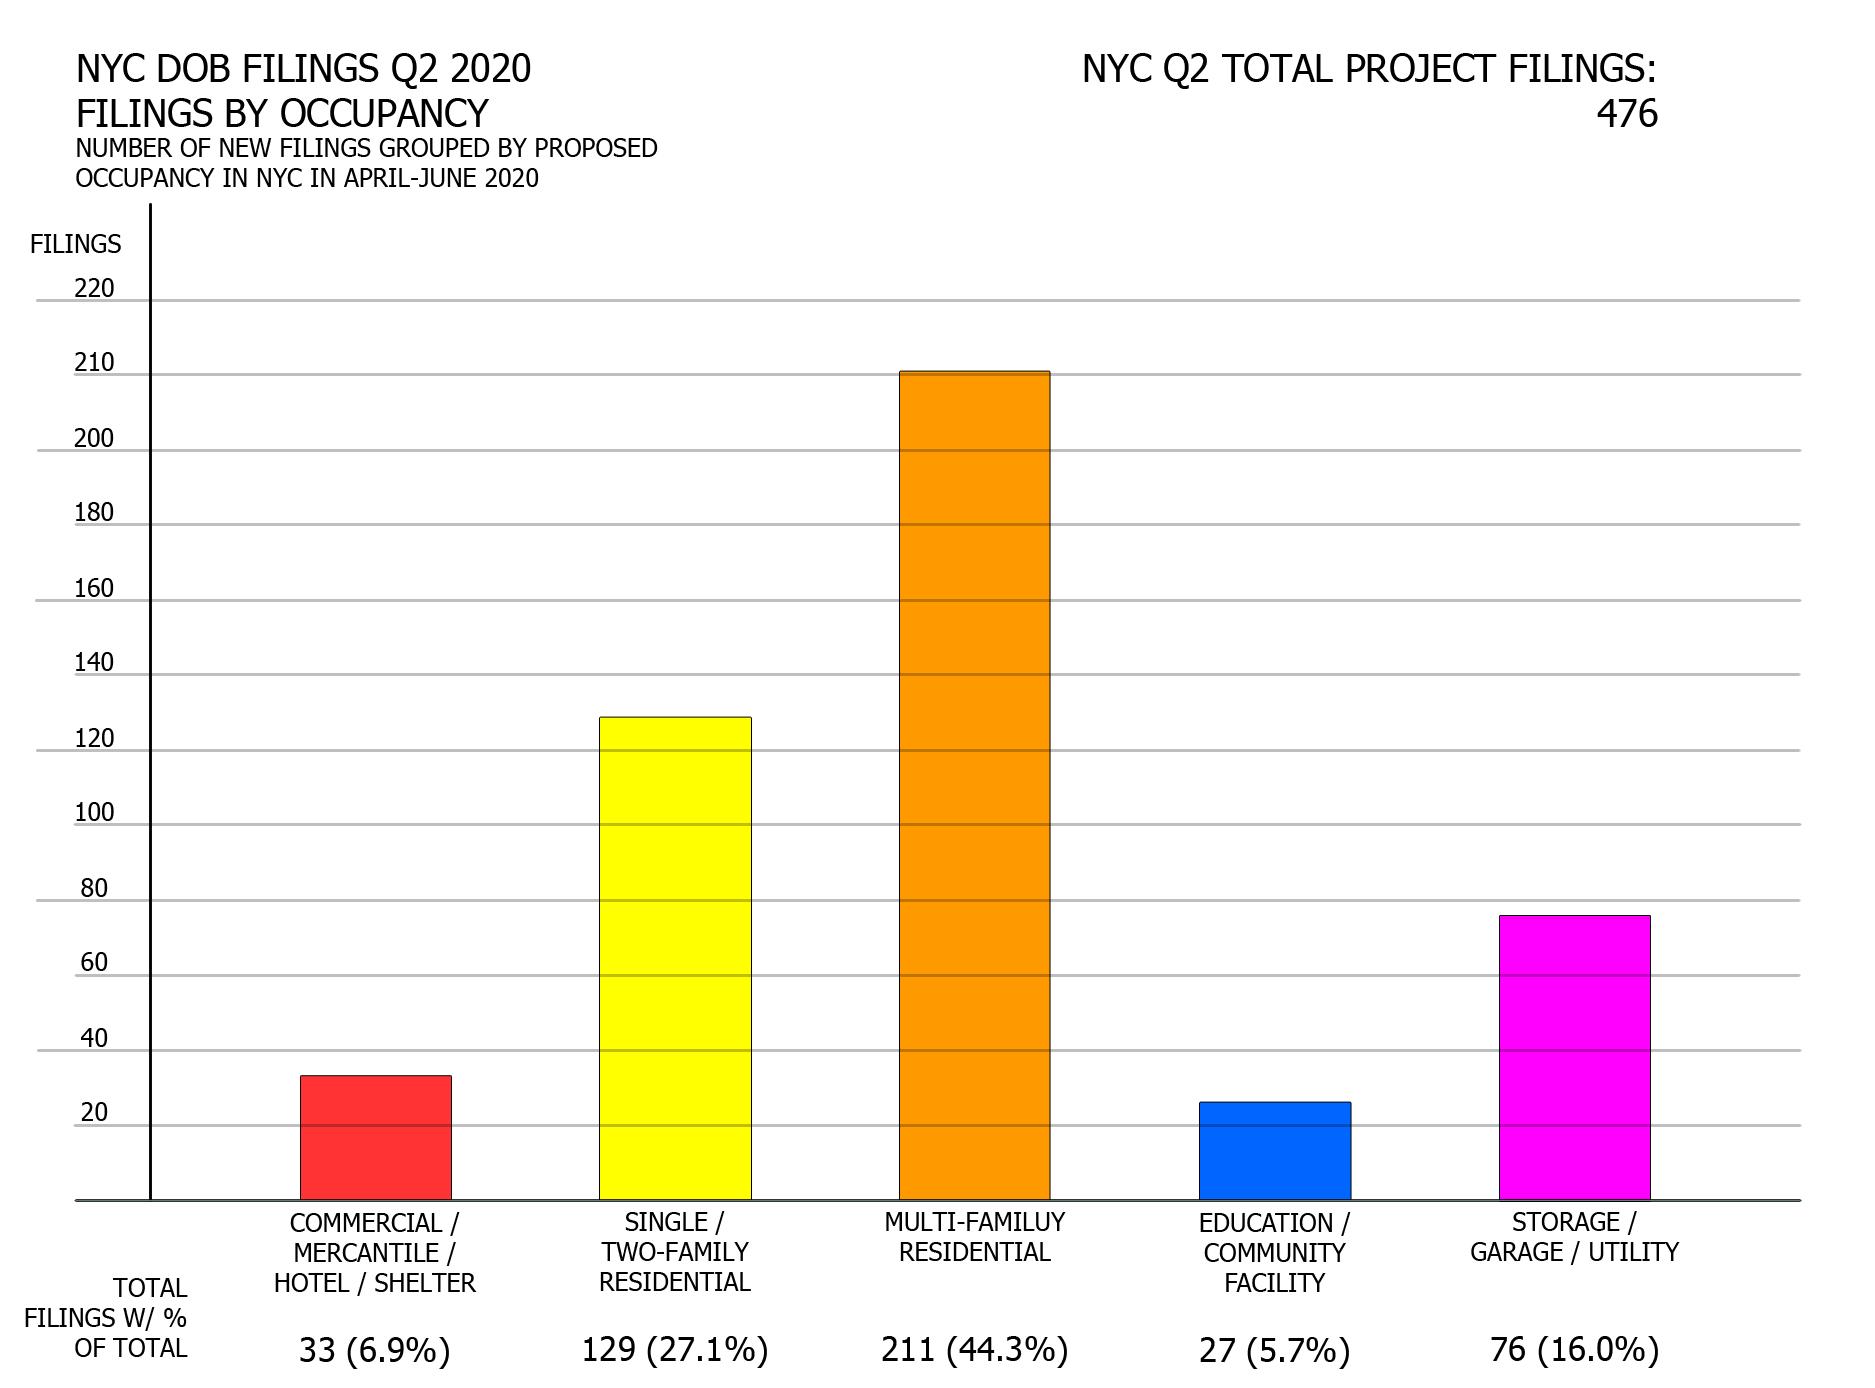 NYC Q2 2020 filings - Number of filings per proposed occupancy. Image credit: Vitali Ogorodnikov